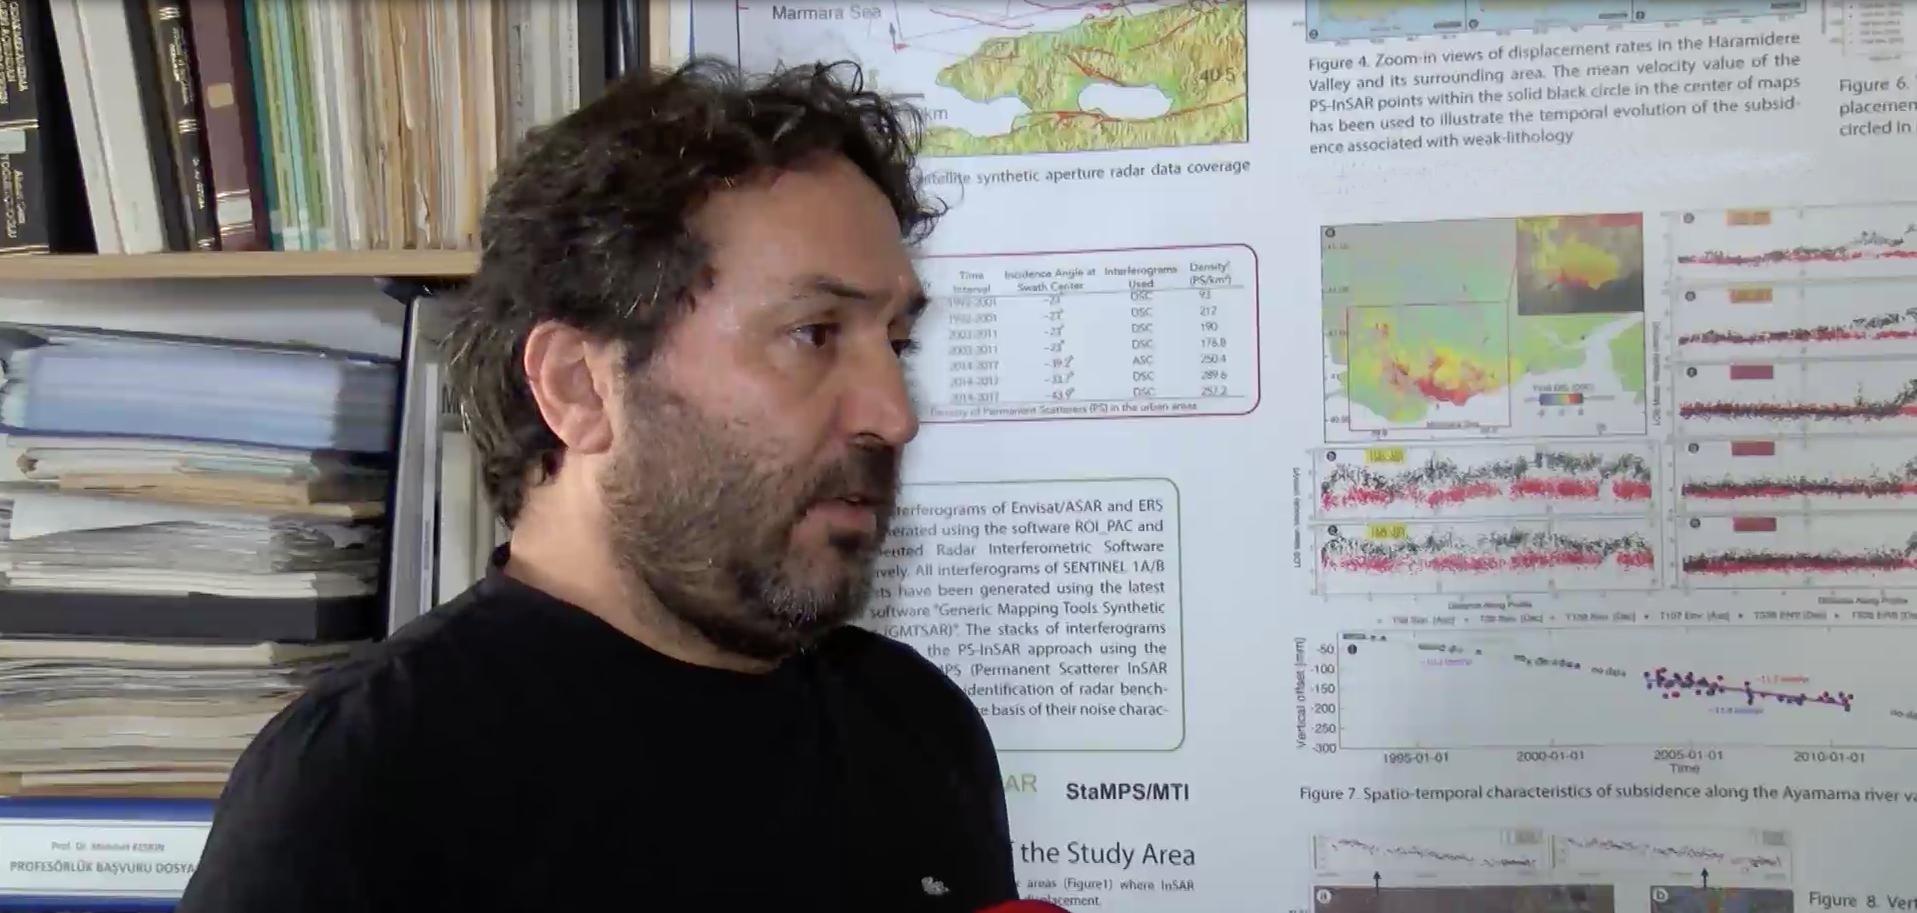 İstanbul depremi! 2.5 yıllık araştırmanın sonuçları açıklandı: Fay hattında enerji birikimi var, Tsunami olabilir